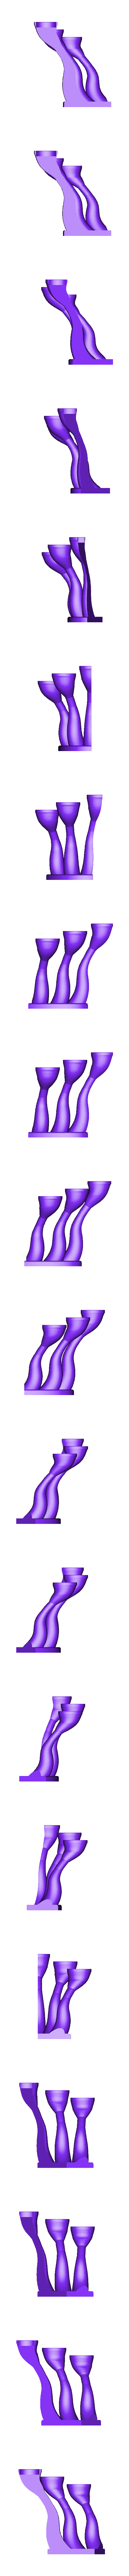 tealight_holder_v3_part_2.stl Télécharger fichier STL gratuit Porte-bougie à chauffe-plat • Design pour imprimante 3D, poblocki1982